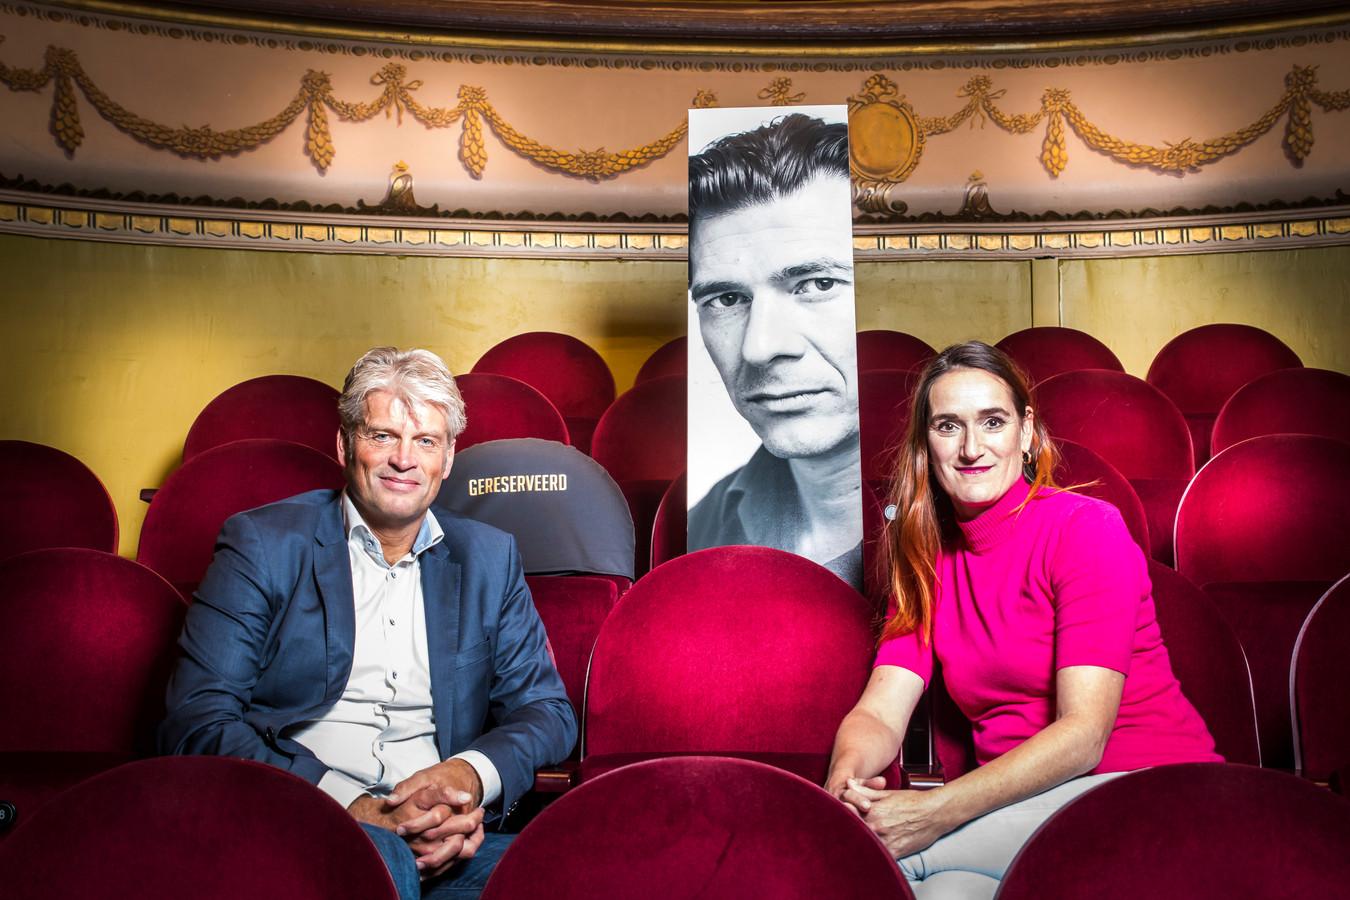 Jan Hoogenberg en Dorine Holman beginnen een nieuwe serie boekenprogramma's  in theater Concordia. De Vlaamse auteur Dimitri Verhulst is zondag de eerste gast.